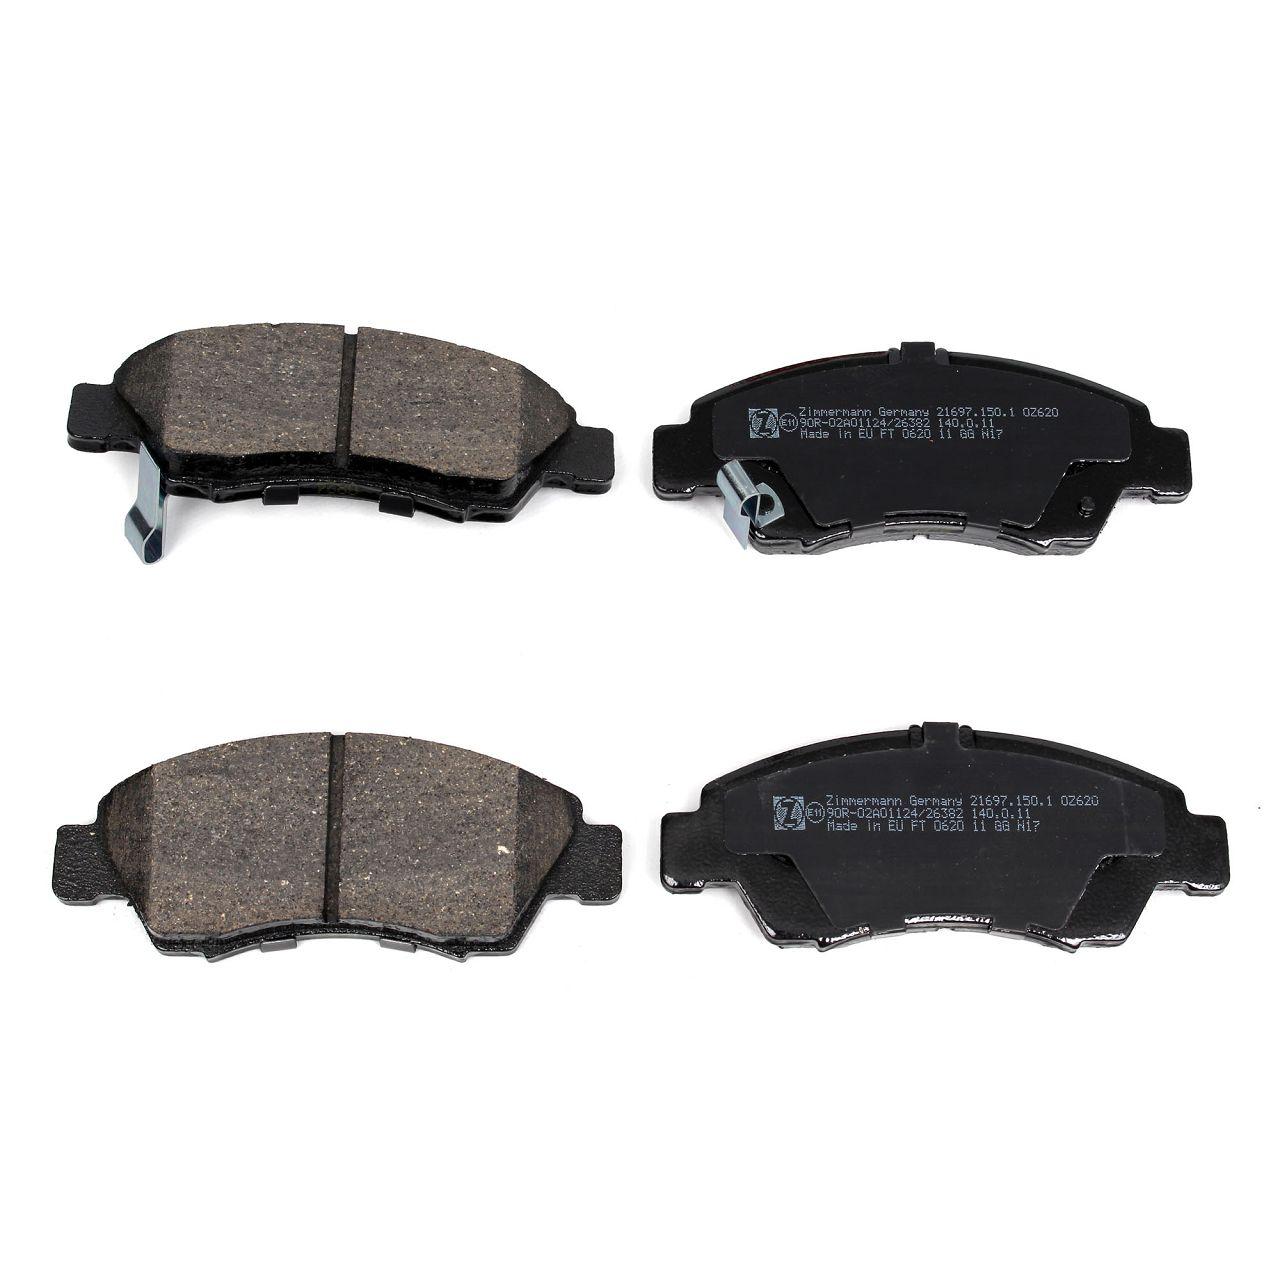 ZIMMERMANN Bremsen Bremsscheiben + Beläge für HONDA CIVIC V VI 1.4 1.5 1.6 vorne